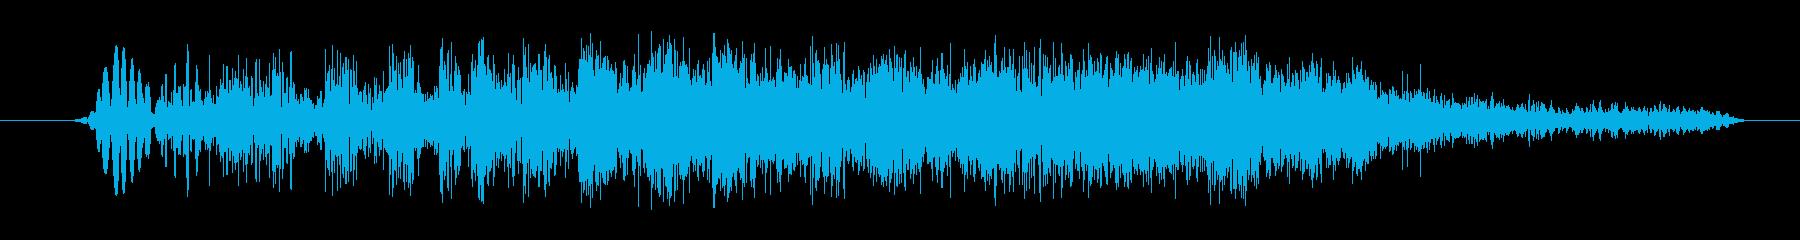 スタッターザップの再生済みの波形